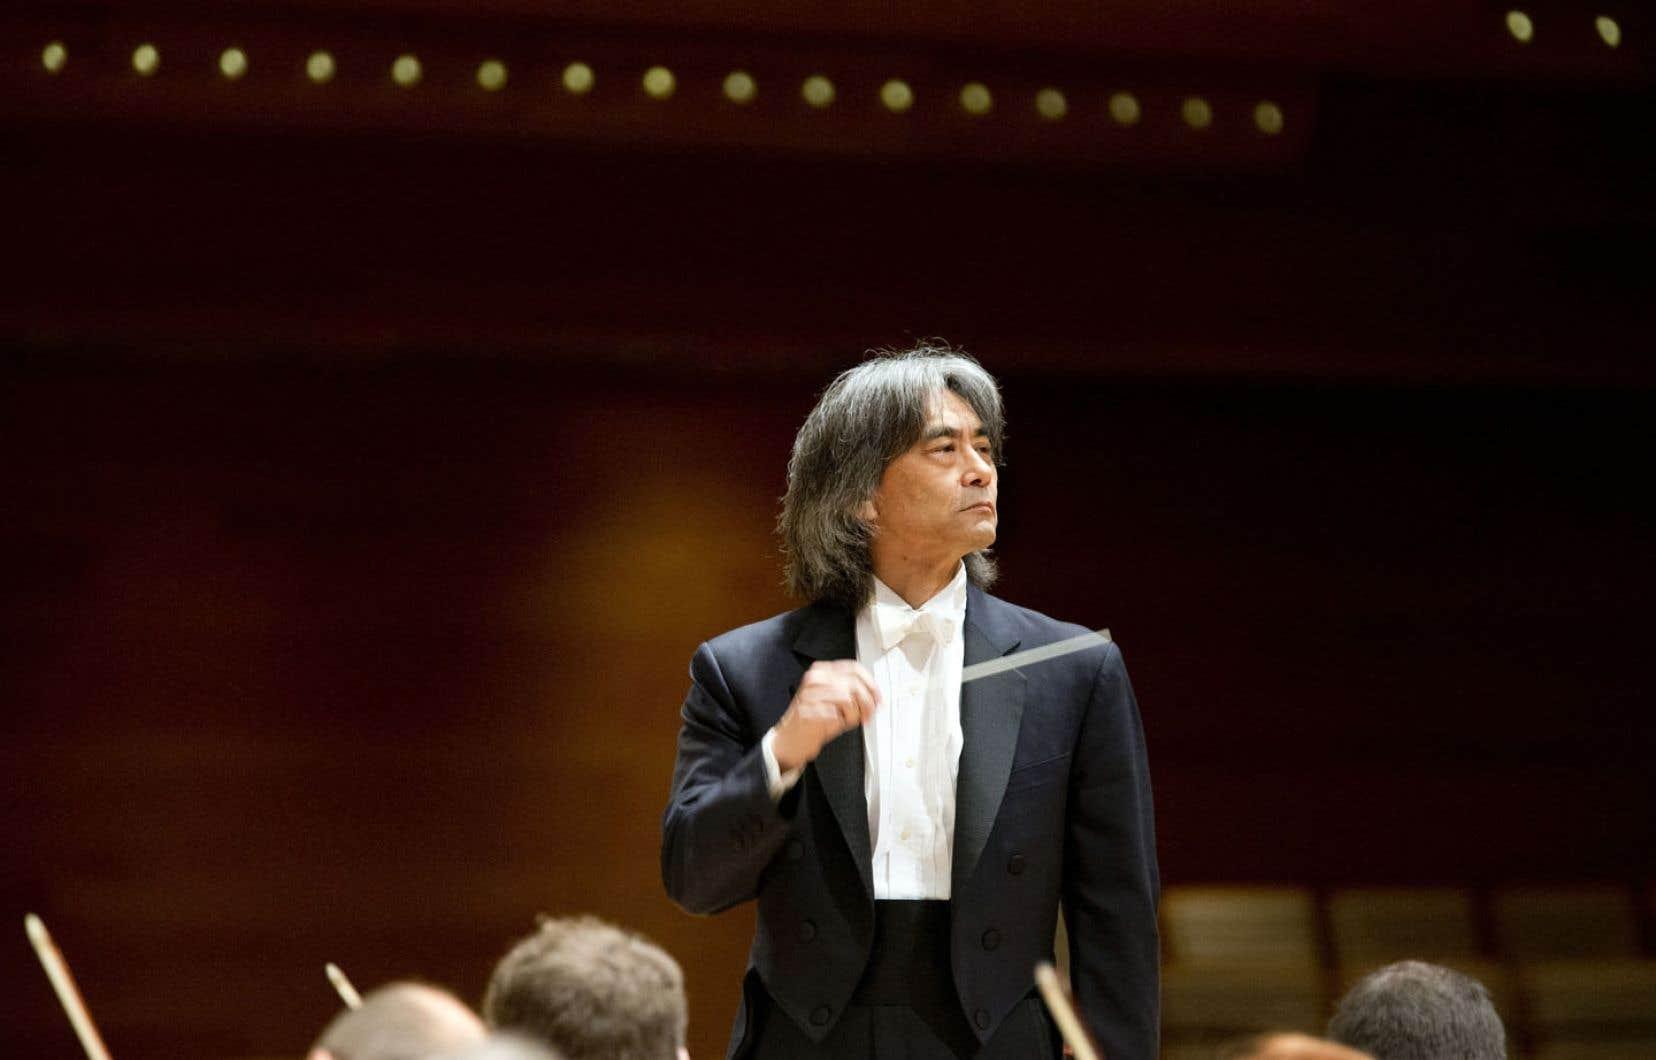 À la mi-septembre, Kent Nagano, l'OSM et son chœur inaugureront l'intégrale des cantates de Bach à la salle Bourgie, un long et ambitieux programme sur plusieurs années qui impliquera nombre d'ensembles d'ici.